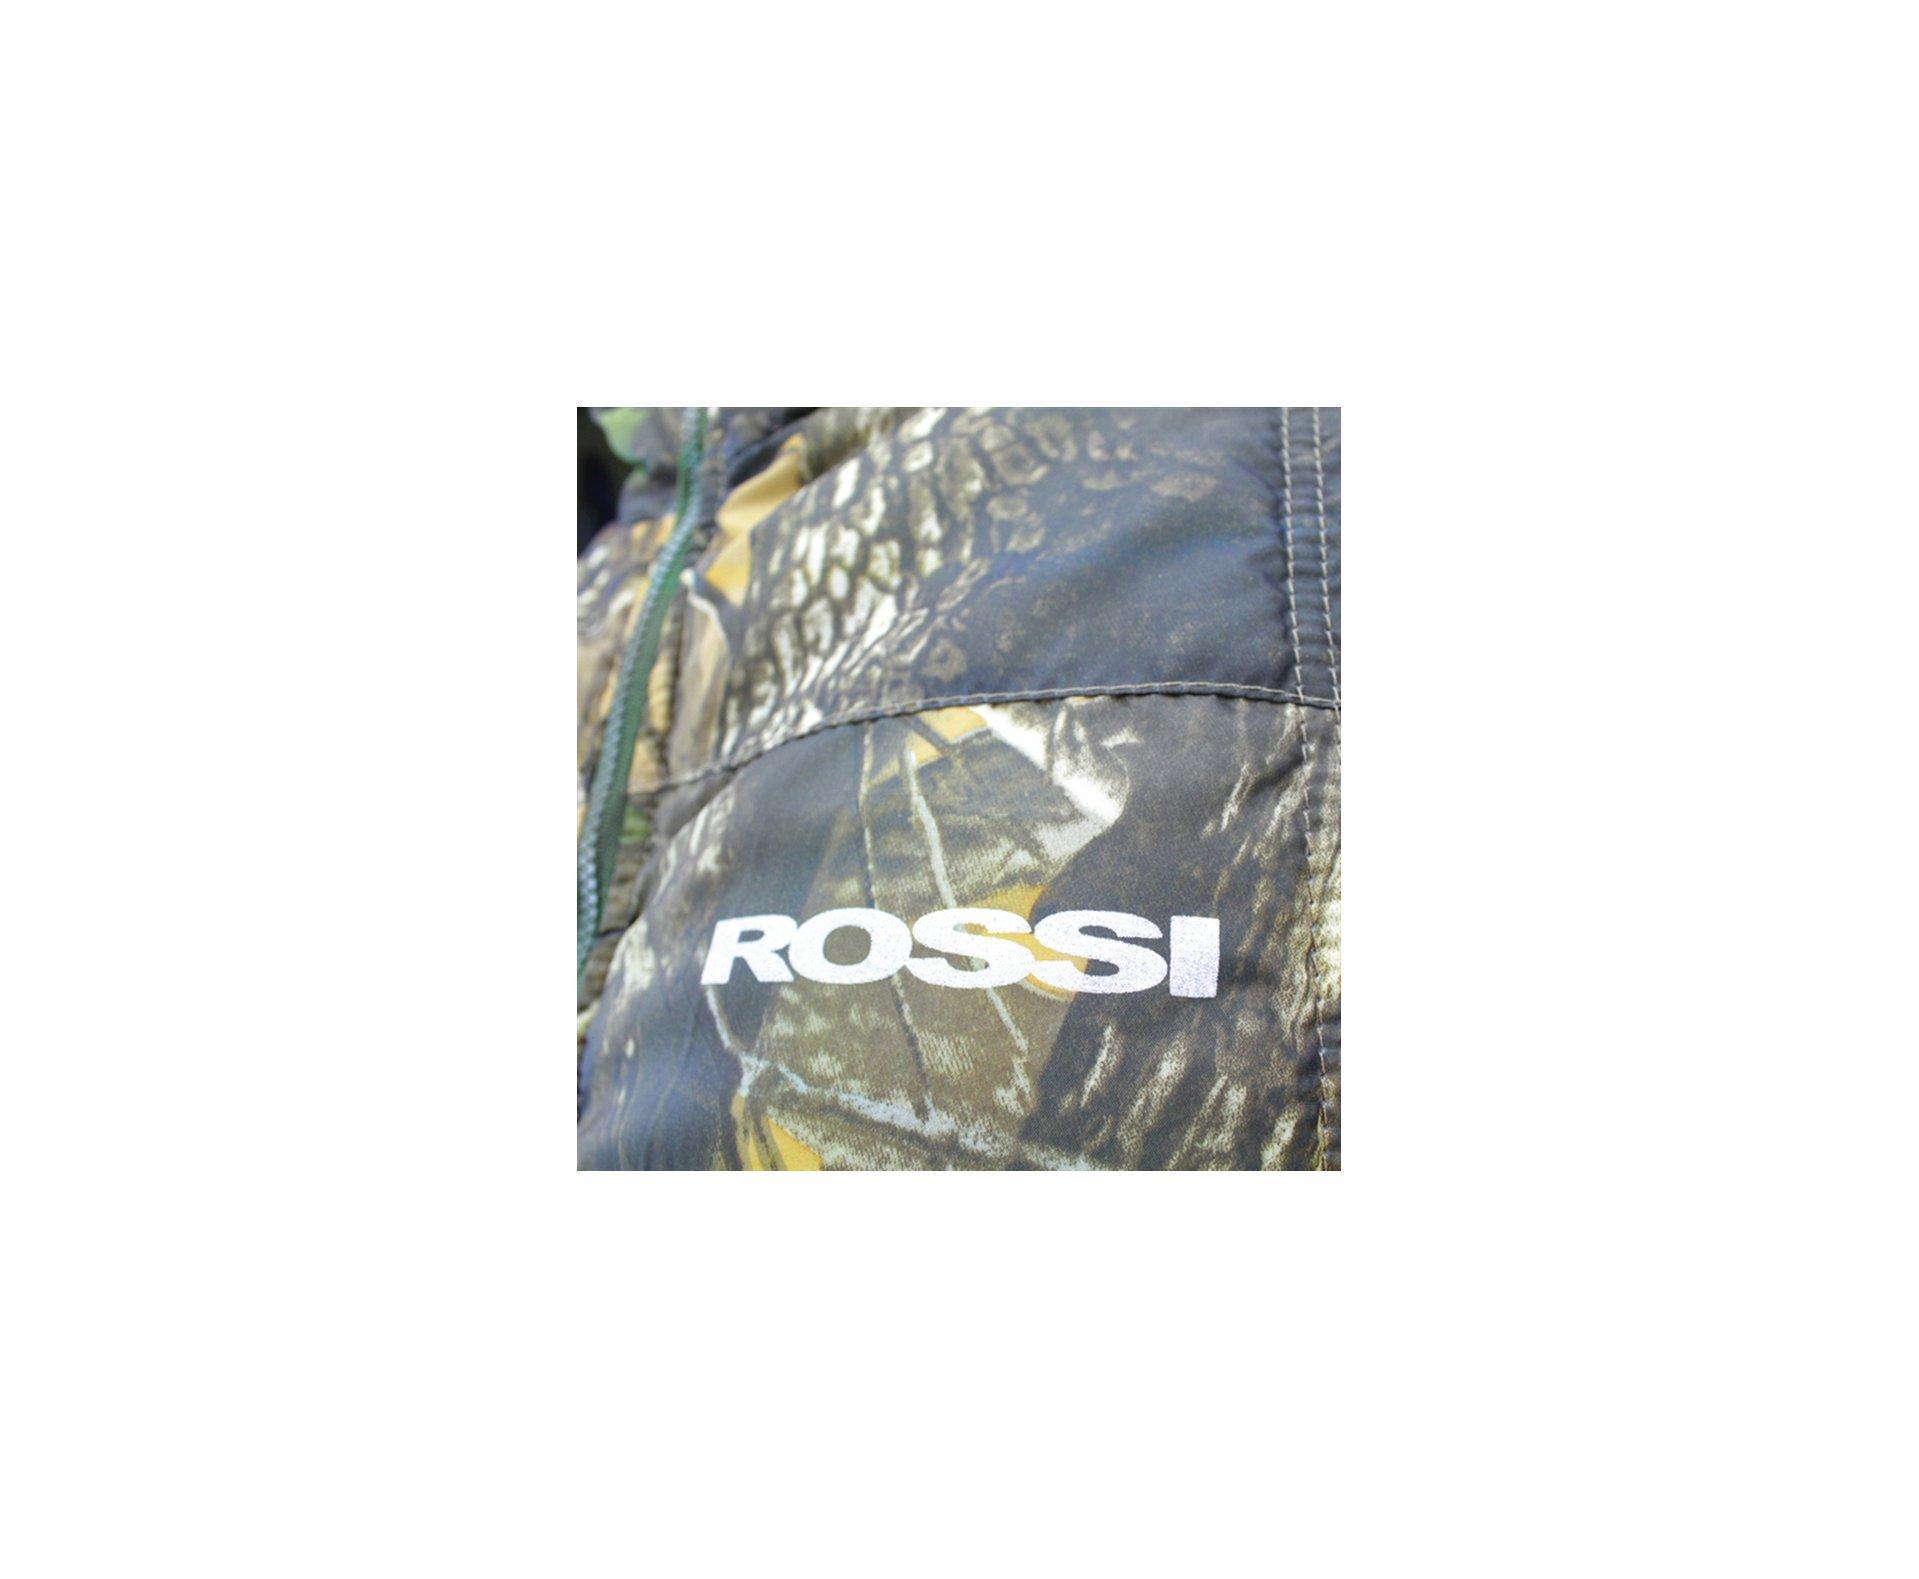 Colete Explorer Camuflado Folha Tam G - Rossi